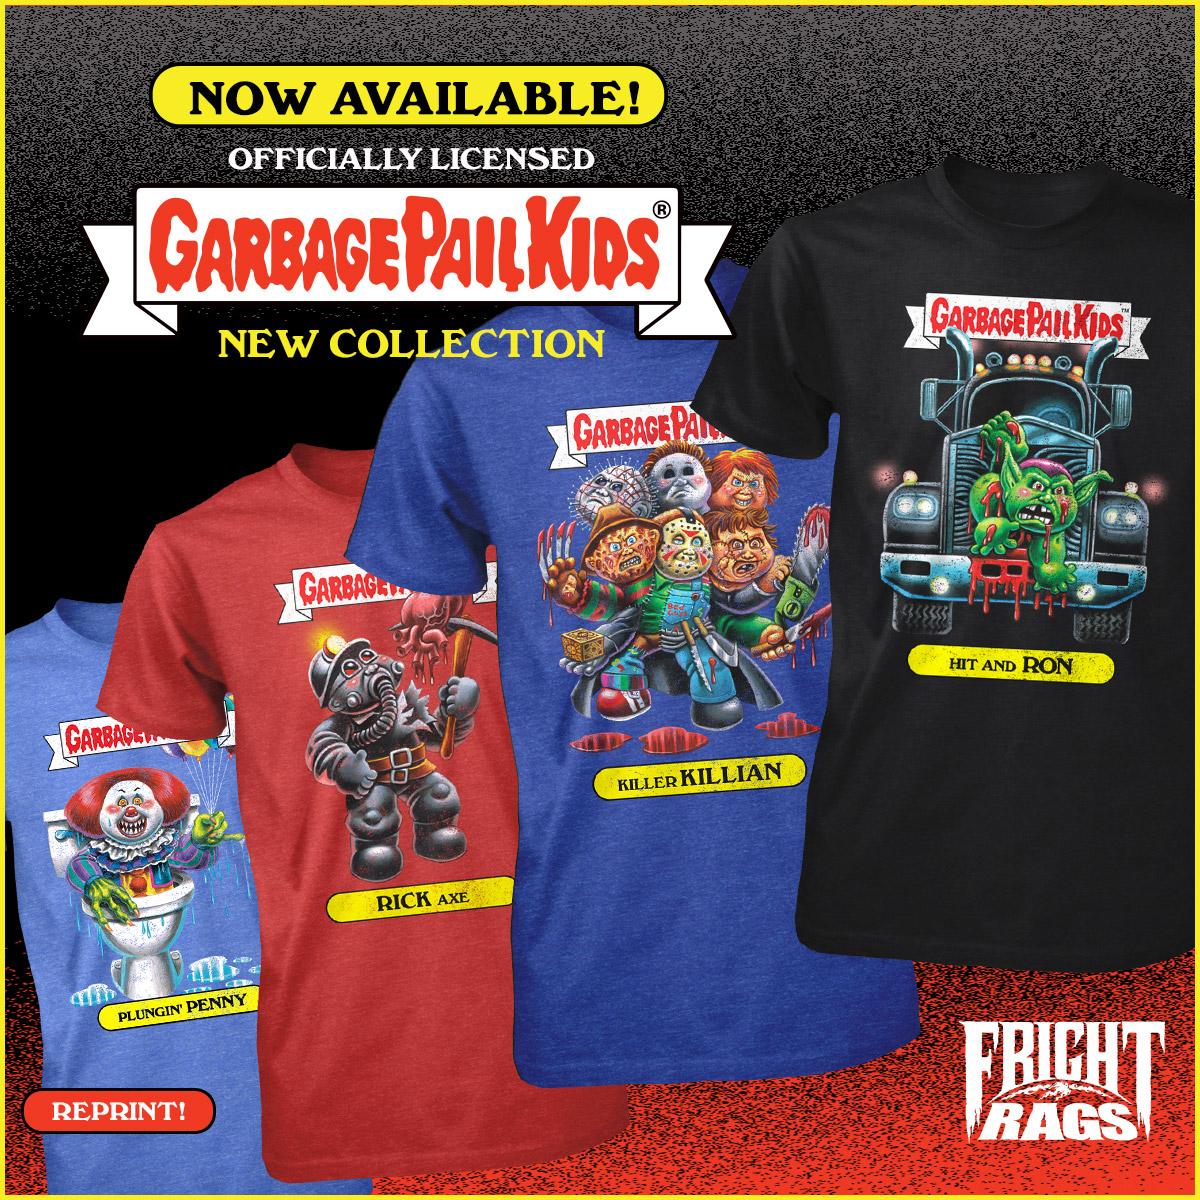 0819-GarbagePailKids-FrightRags.jpg